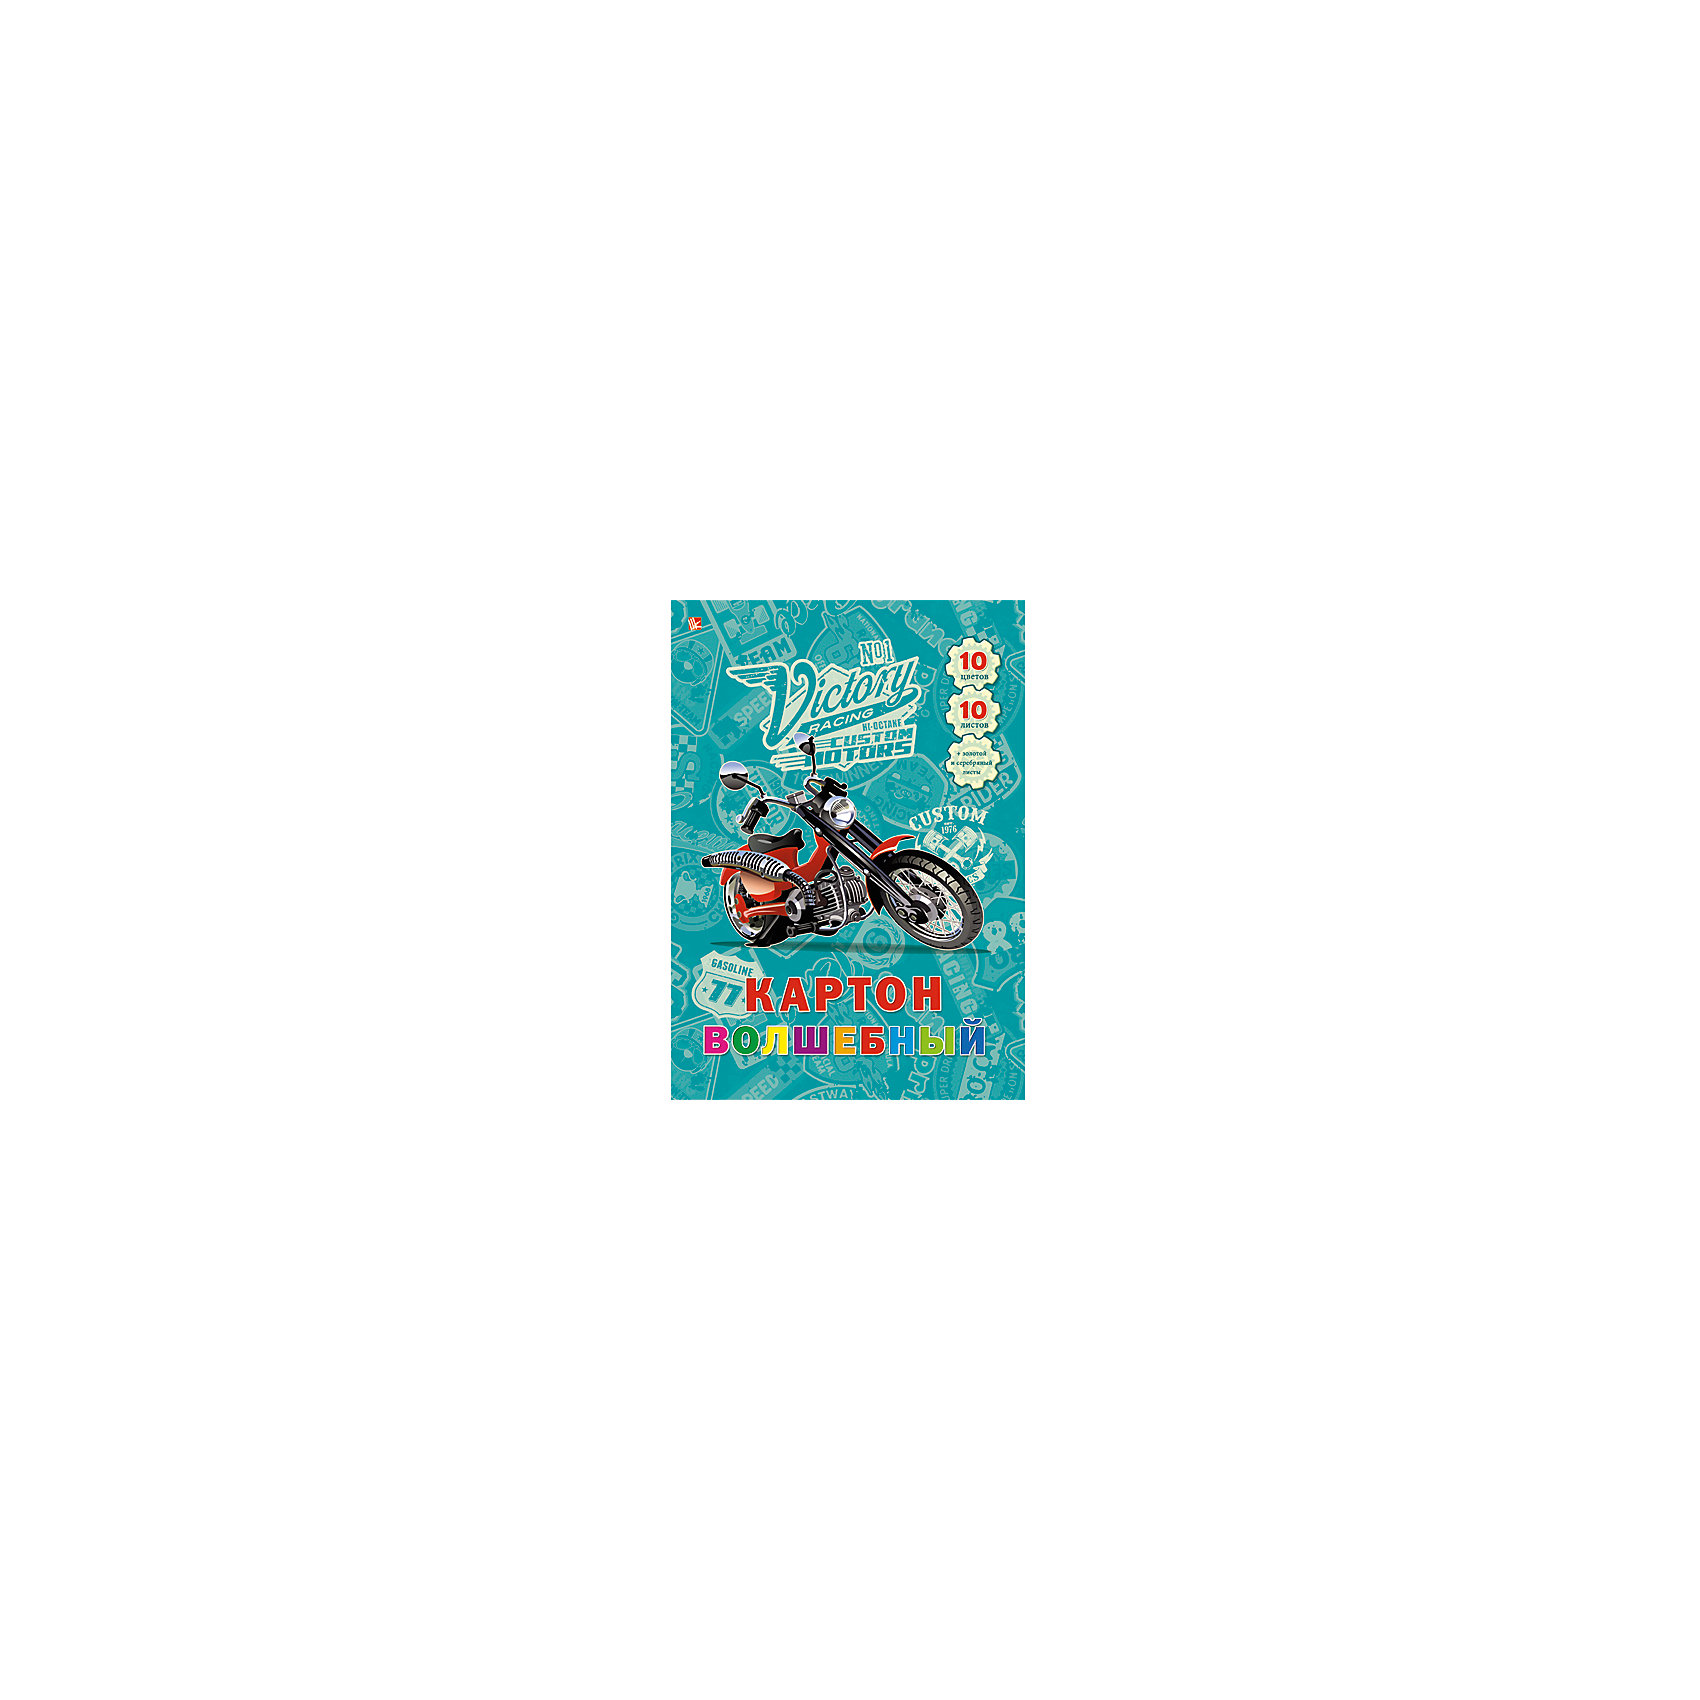 Эксмо Волшебный картон, 10л.10цв набор цветного волшебного картона а4 200 280мм 10л 10цв эксмо орнамент оригами